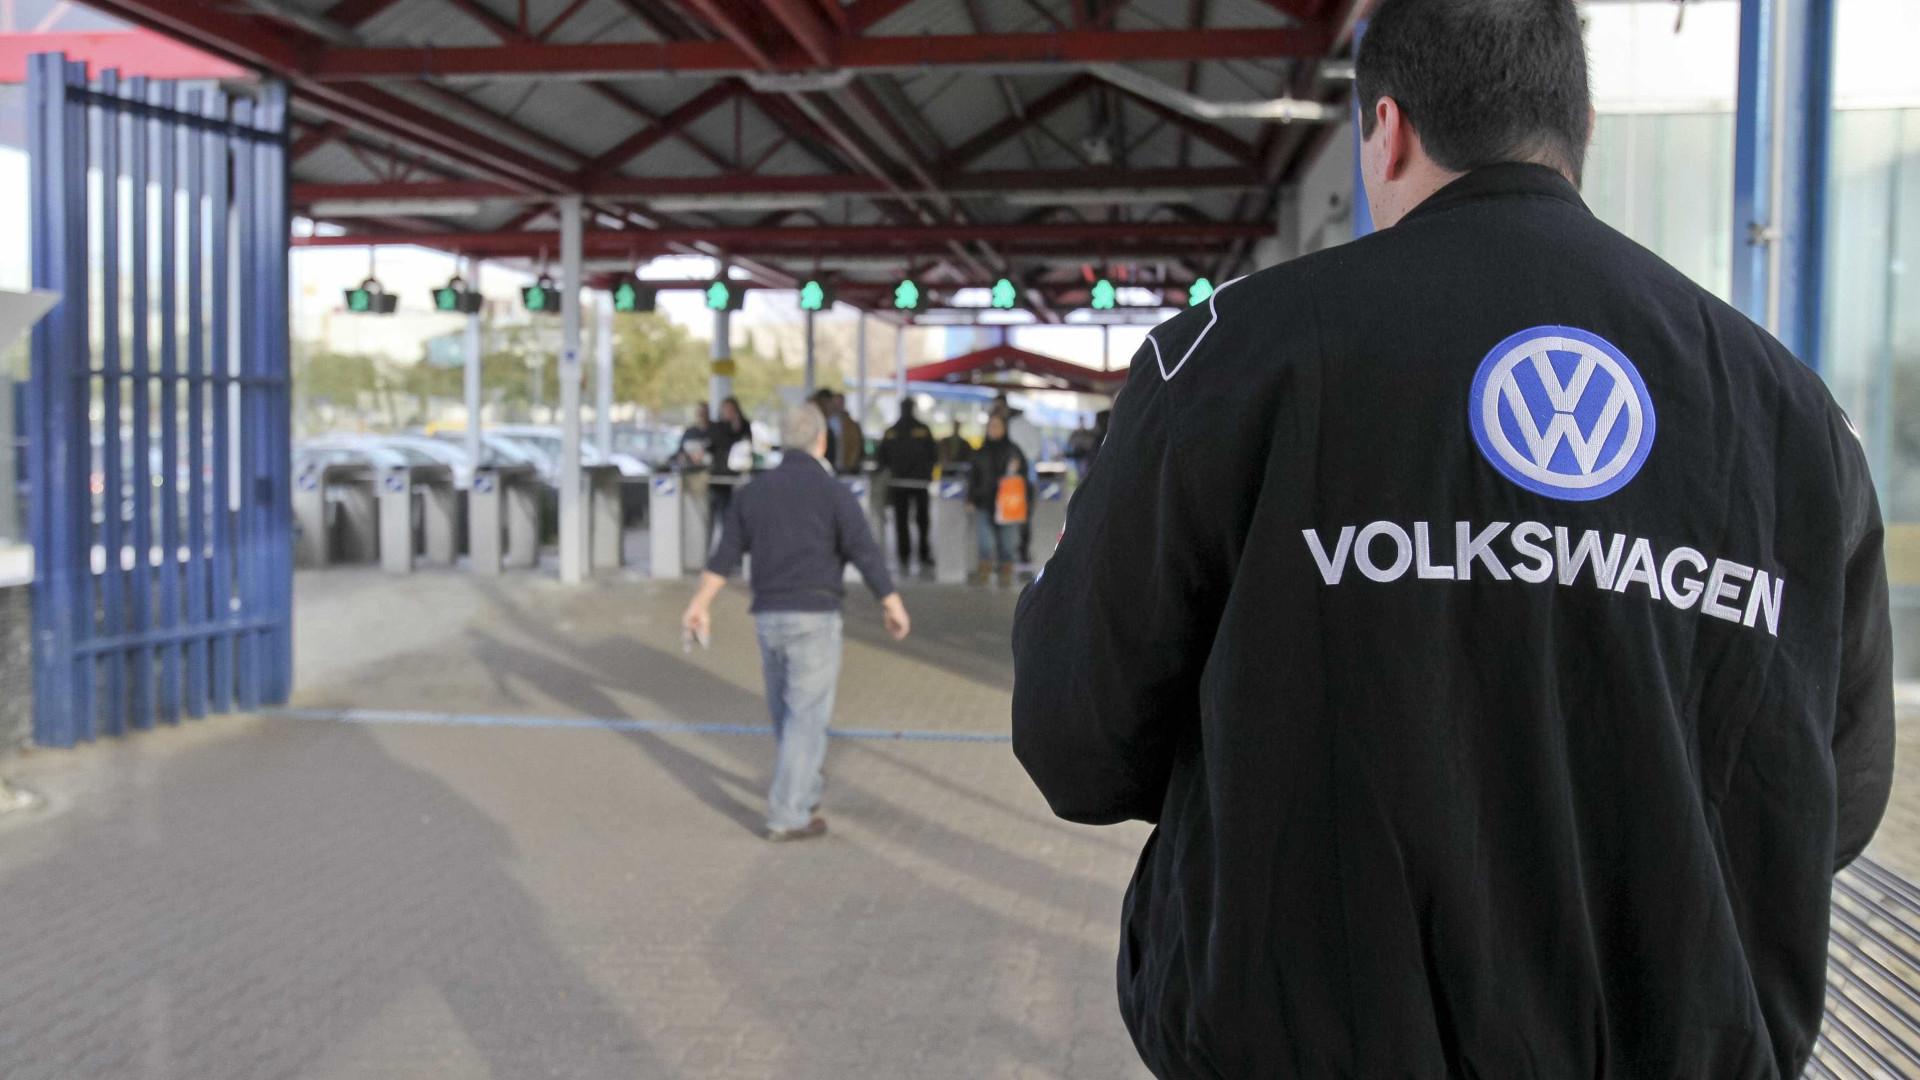 Seis listas na corrida à Comissão de Trabalhadores da Autoeuropa